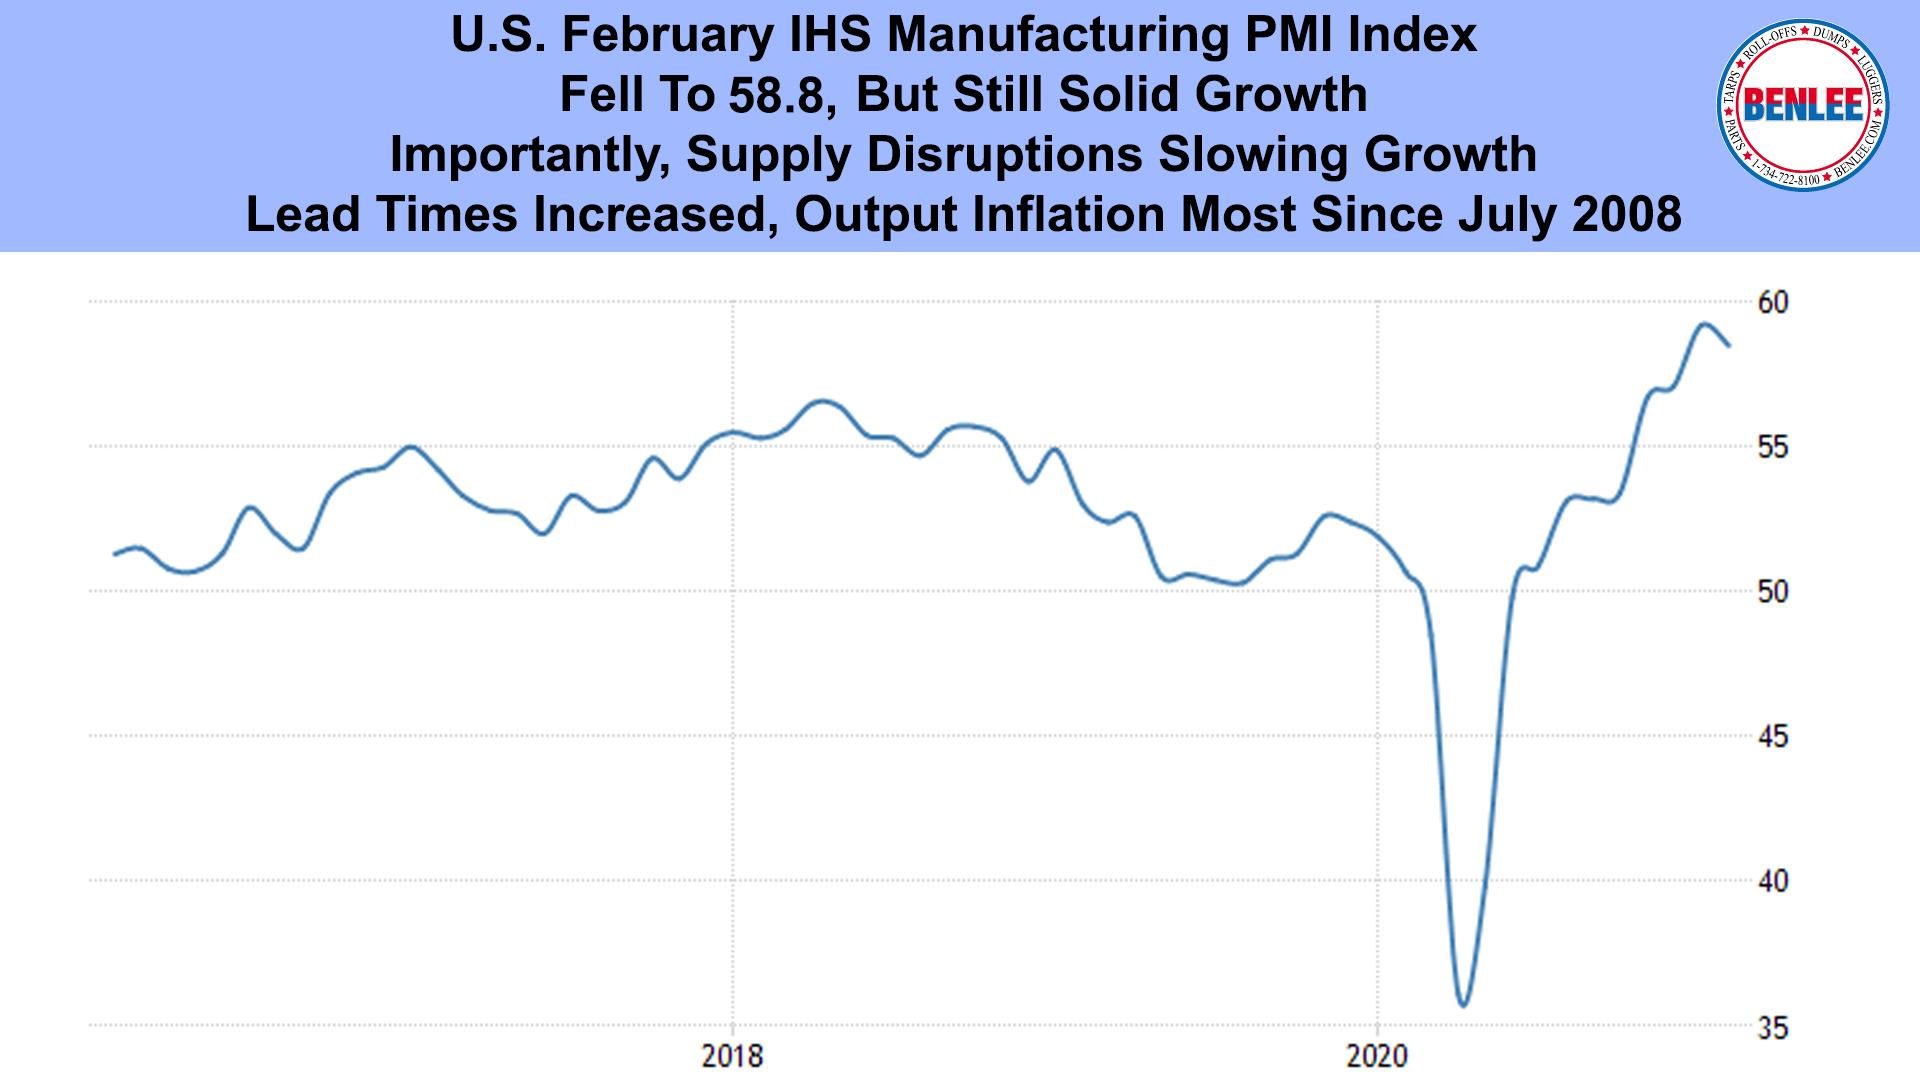 U.S. February IHS Manufacturing PMI Index